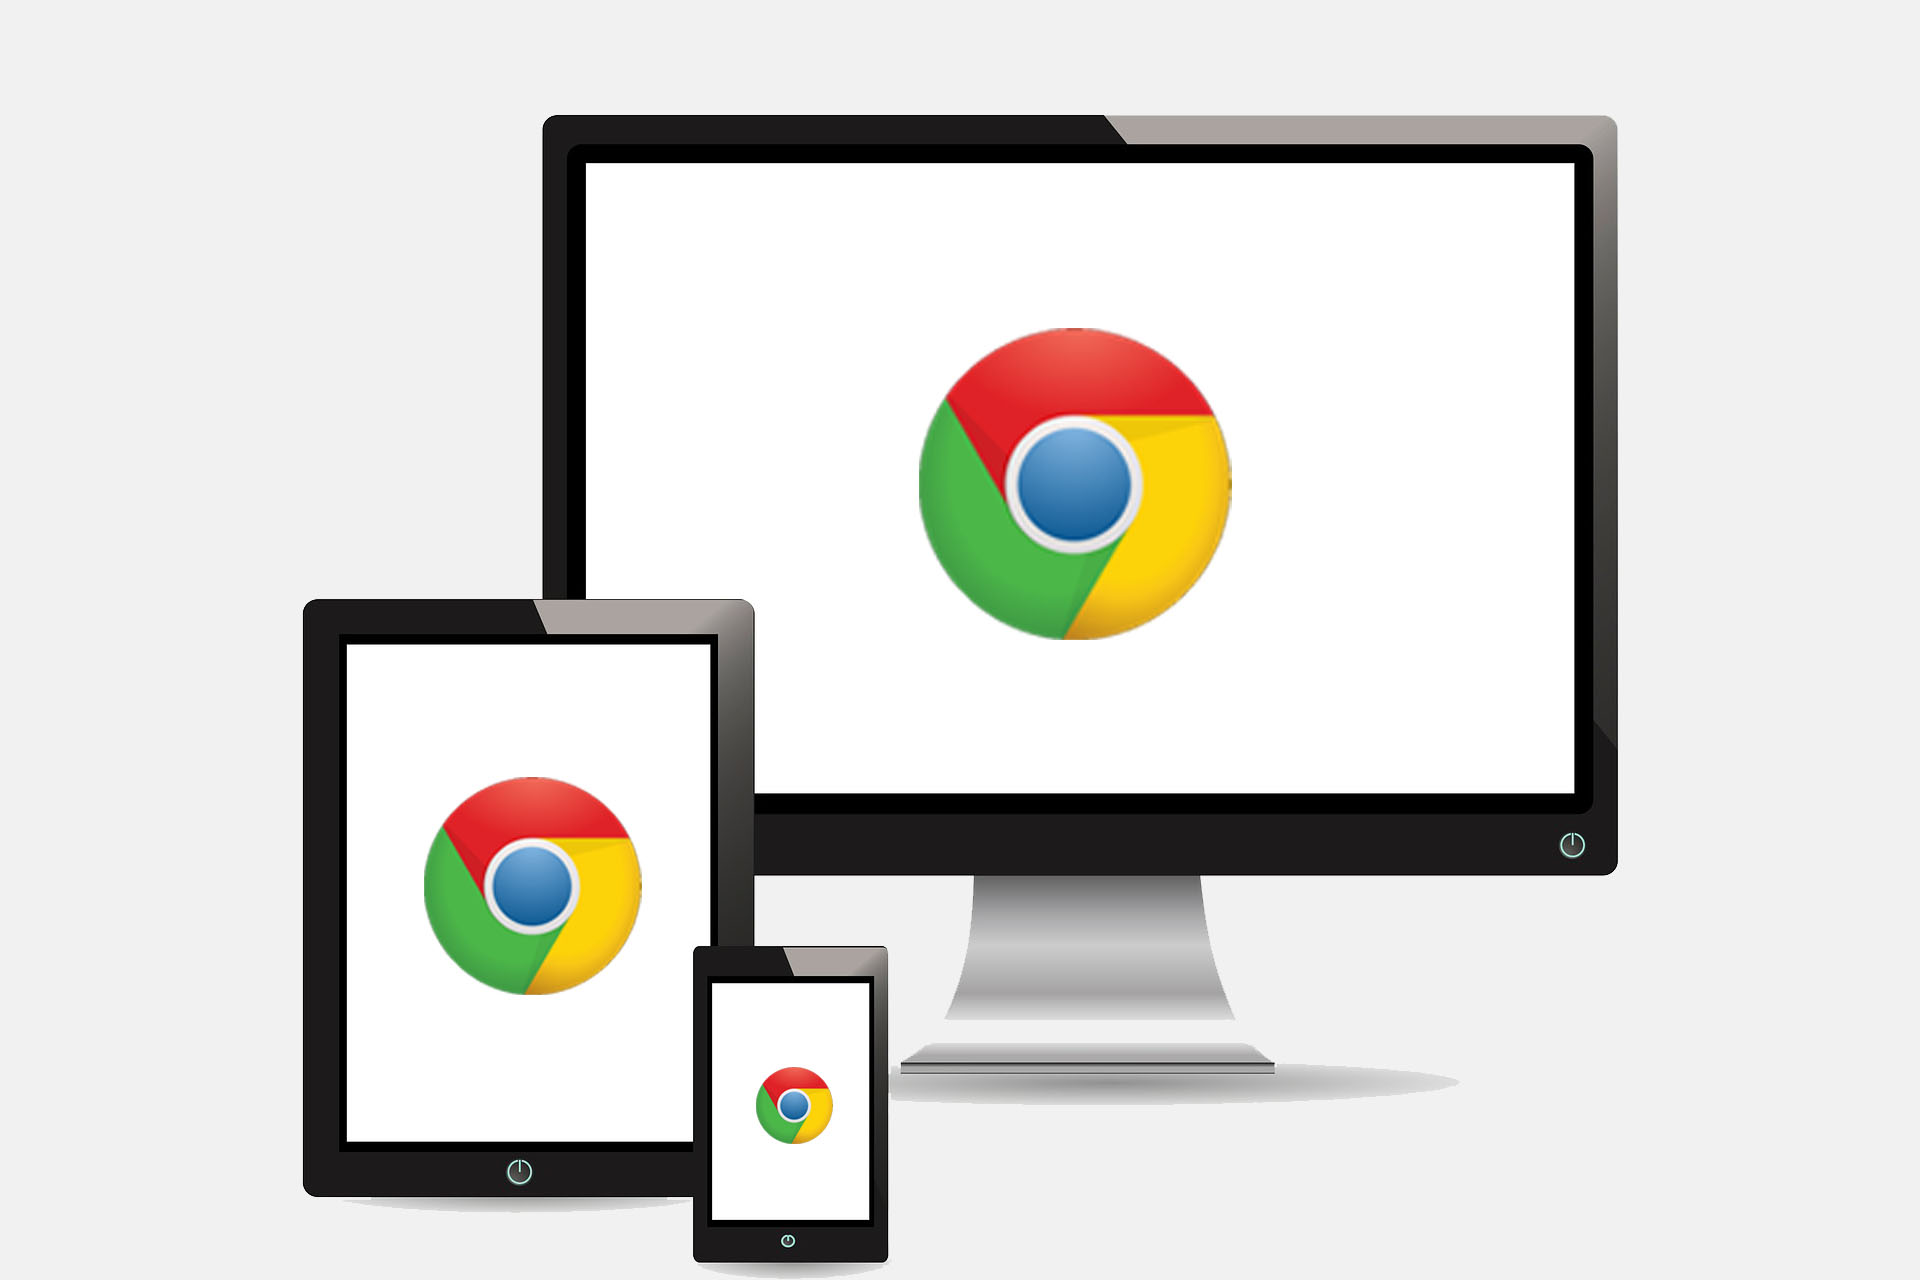 Google podría desarrollar un ad-block propio para Chrome Web & Mobile